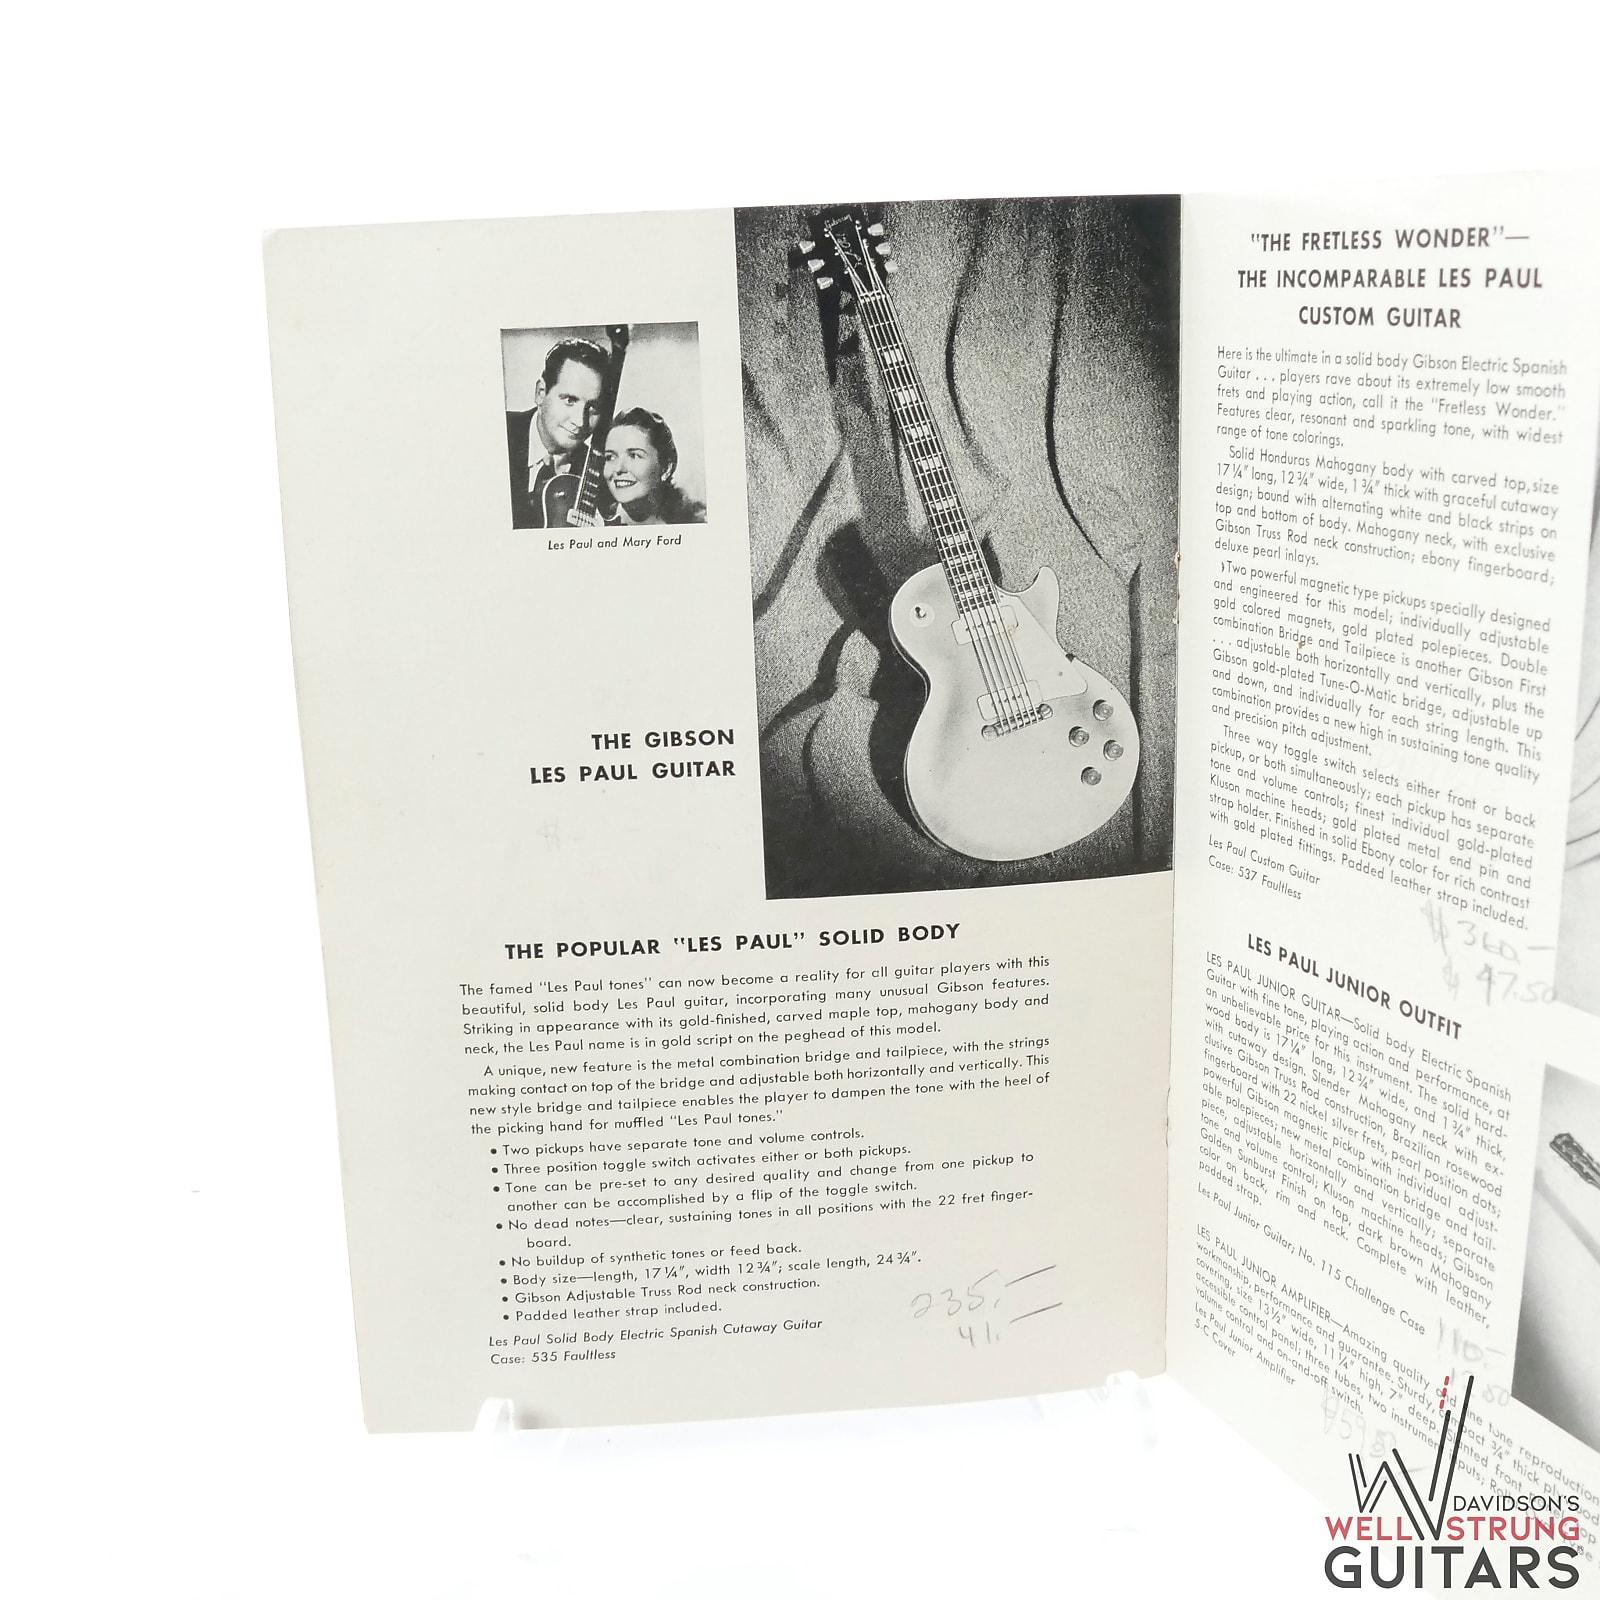 Incontri Gibson Les Paul